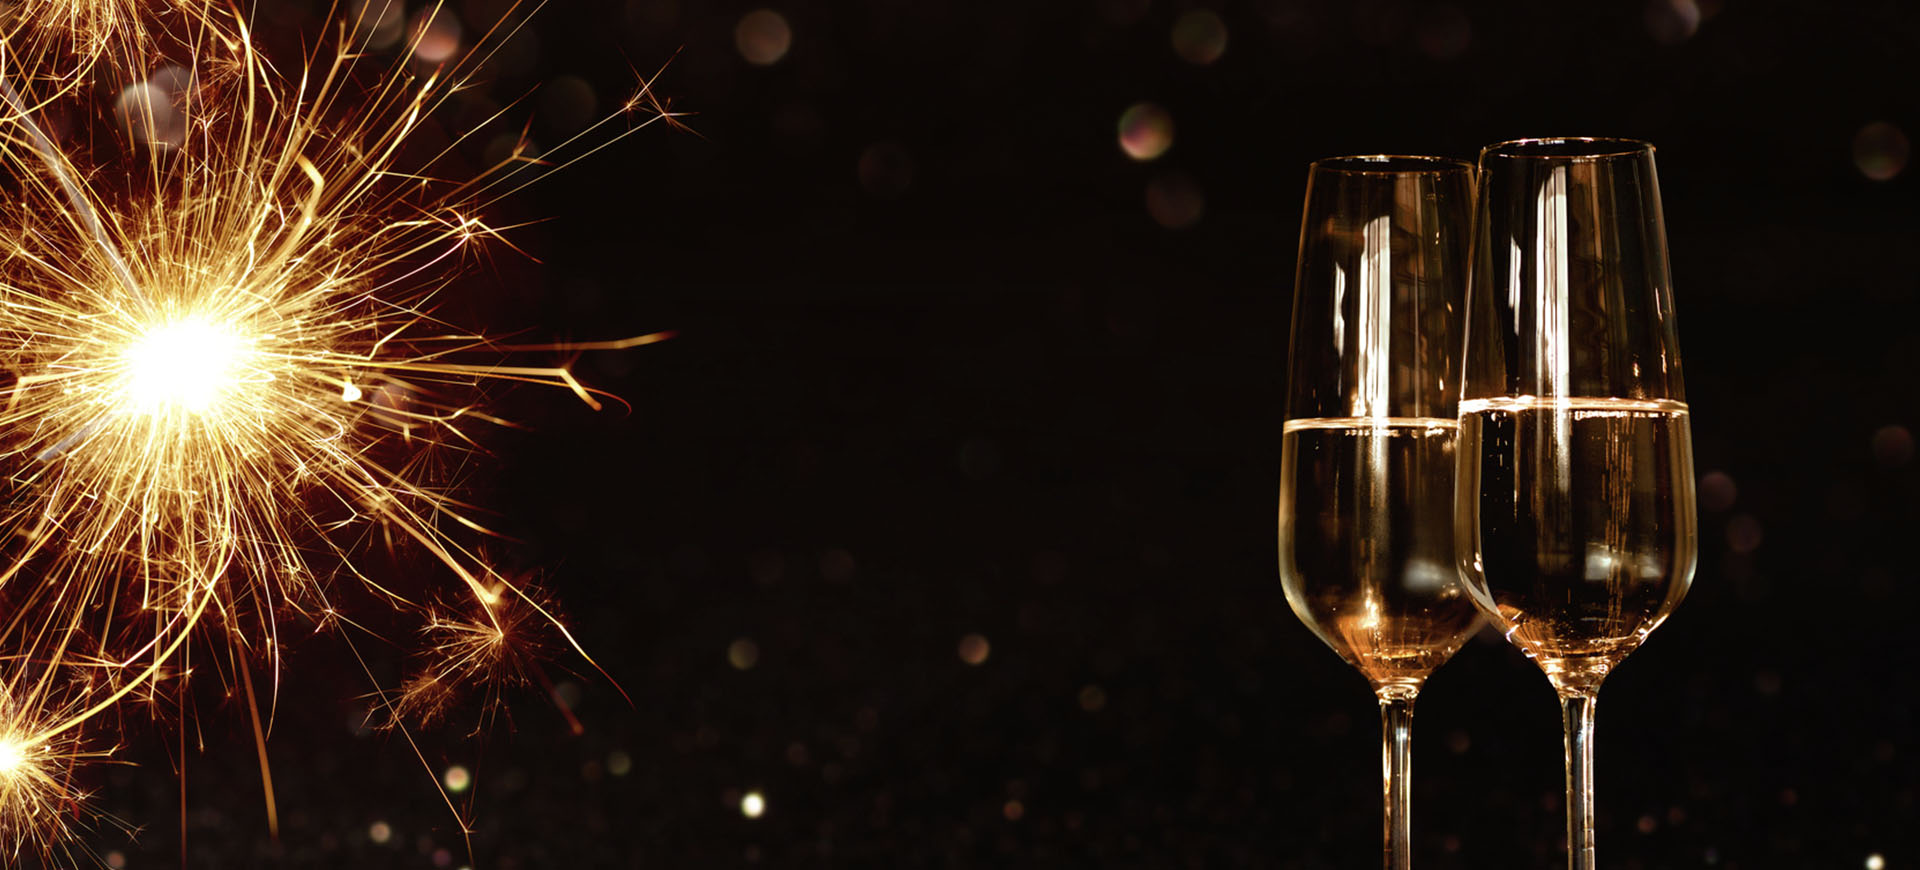 Wildromantisch<br />ins neue Jahr!